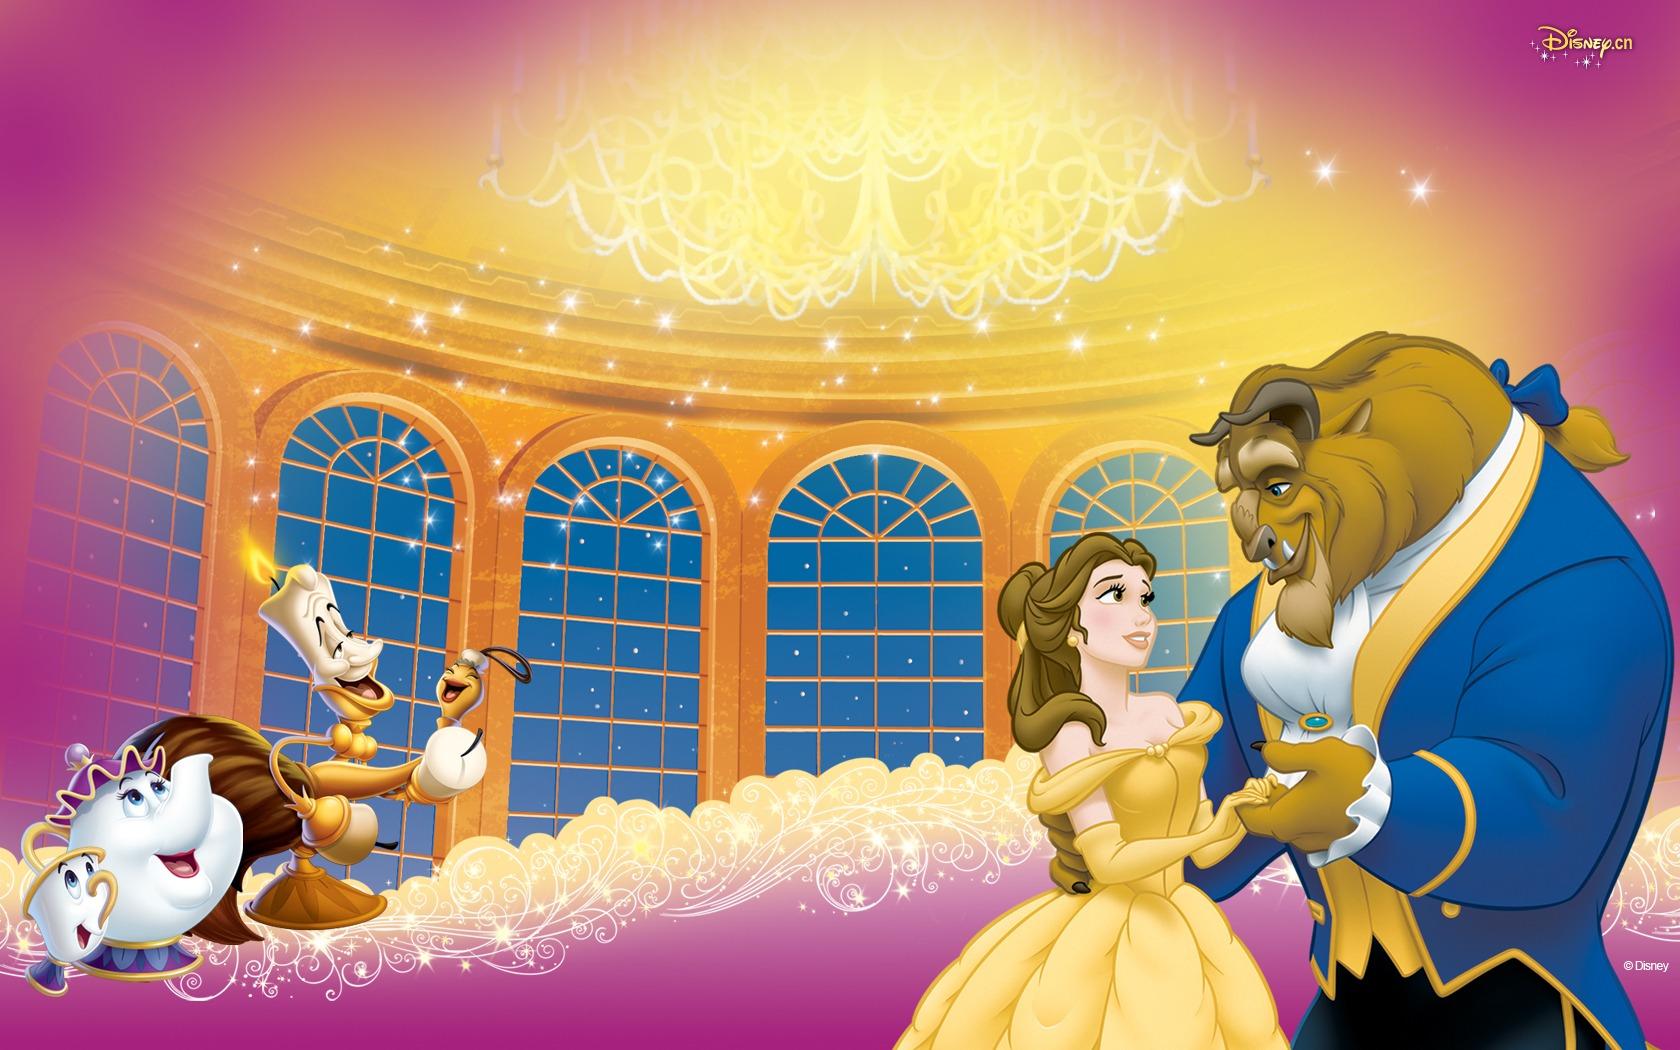 Цитаты про принцев и принцесс